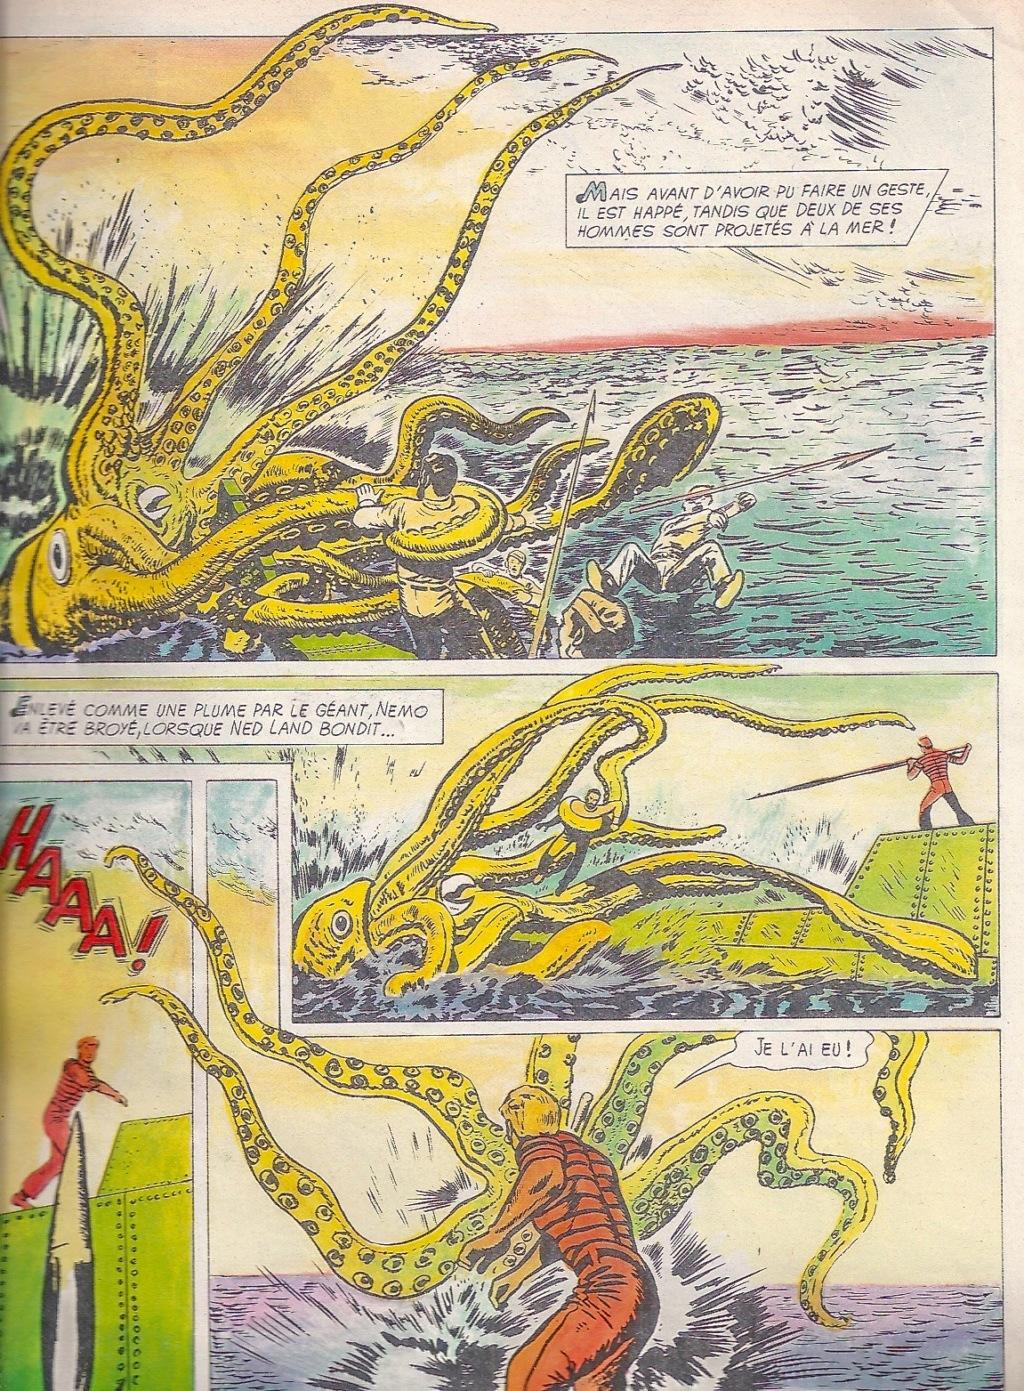 [Bandes dessinées] Jesse March (Davy Crockett, 20 000 Lieues Sous les Mers...) Jesse_14